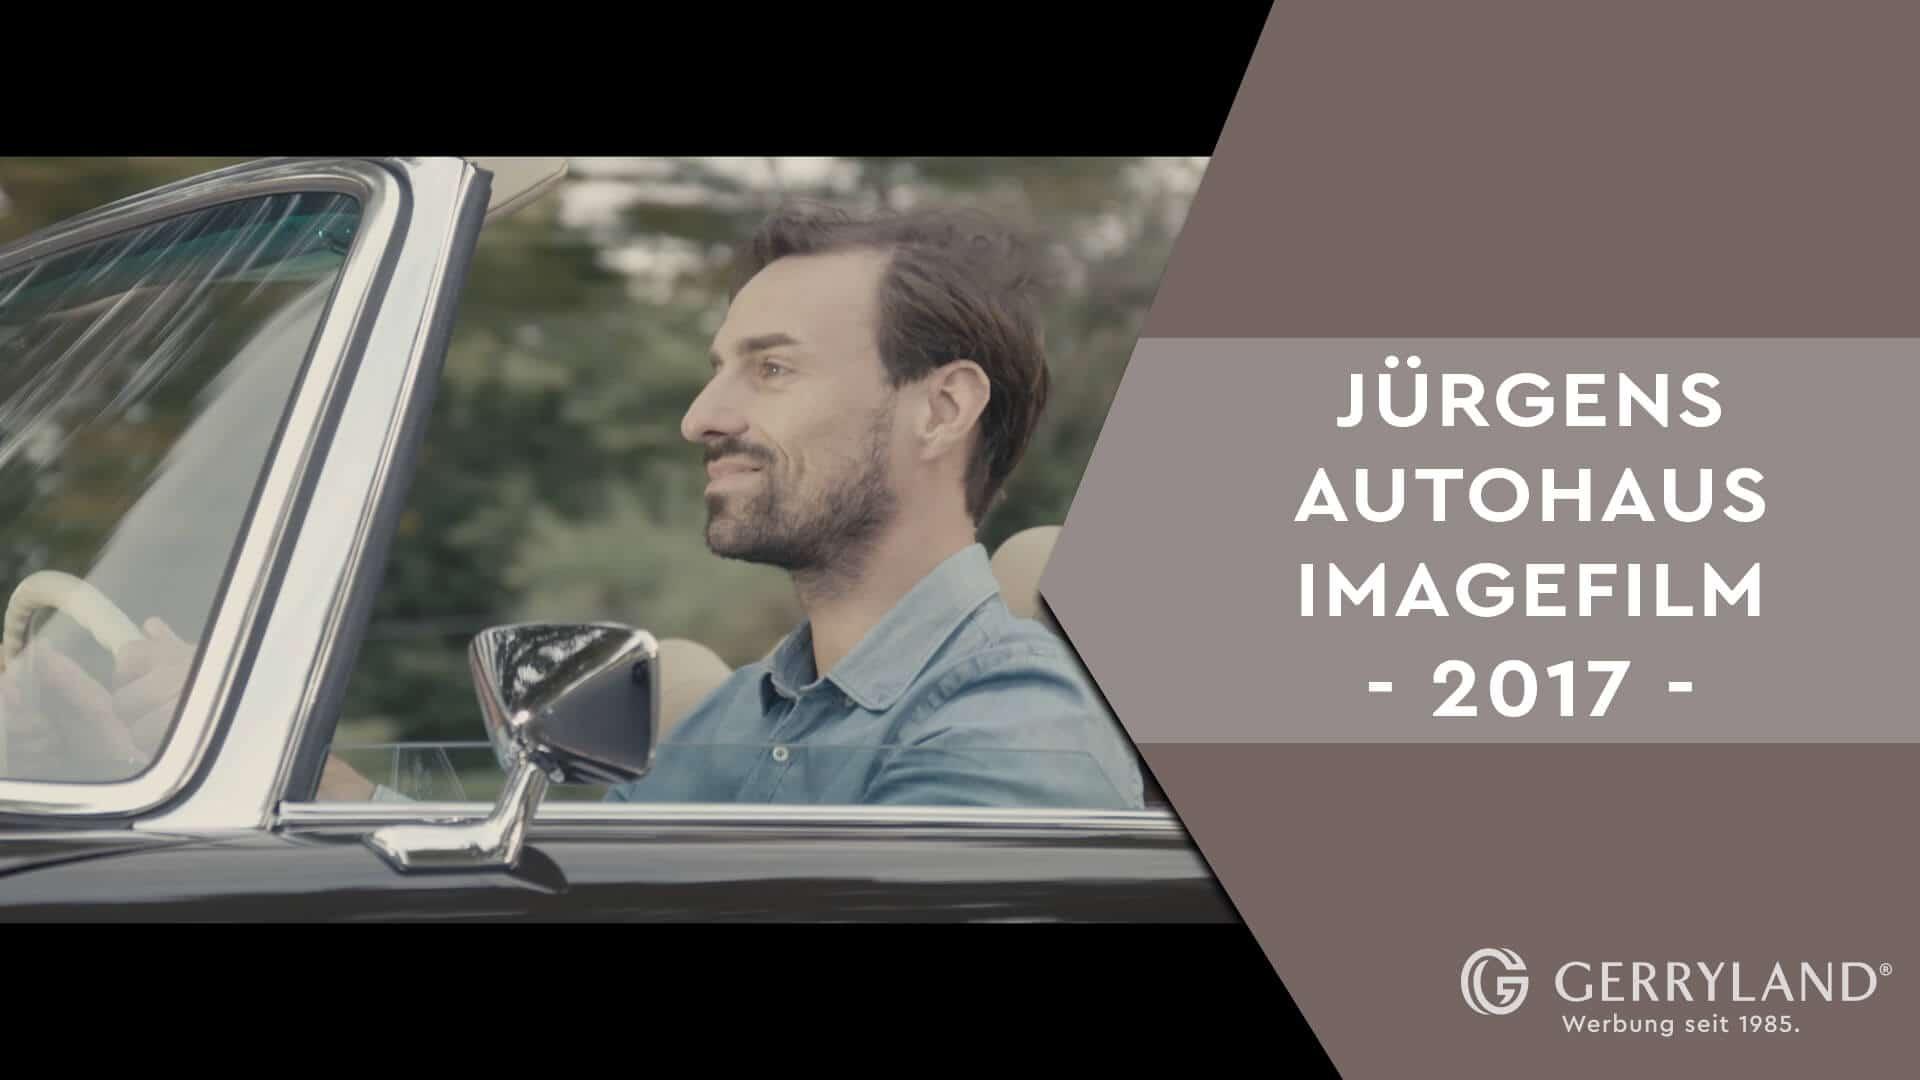 Gerryland-Youtube-Neukonzipierung-Jürgens-Autohaus-Imagefilm_Thumb